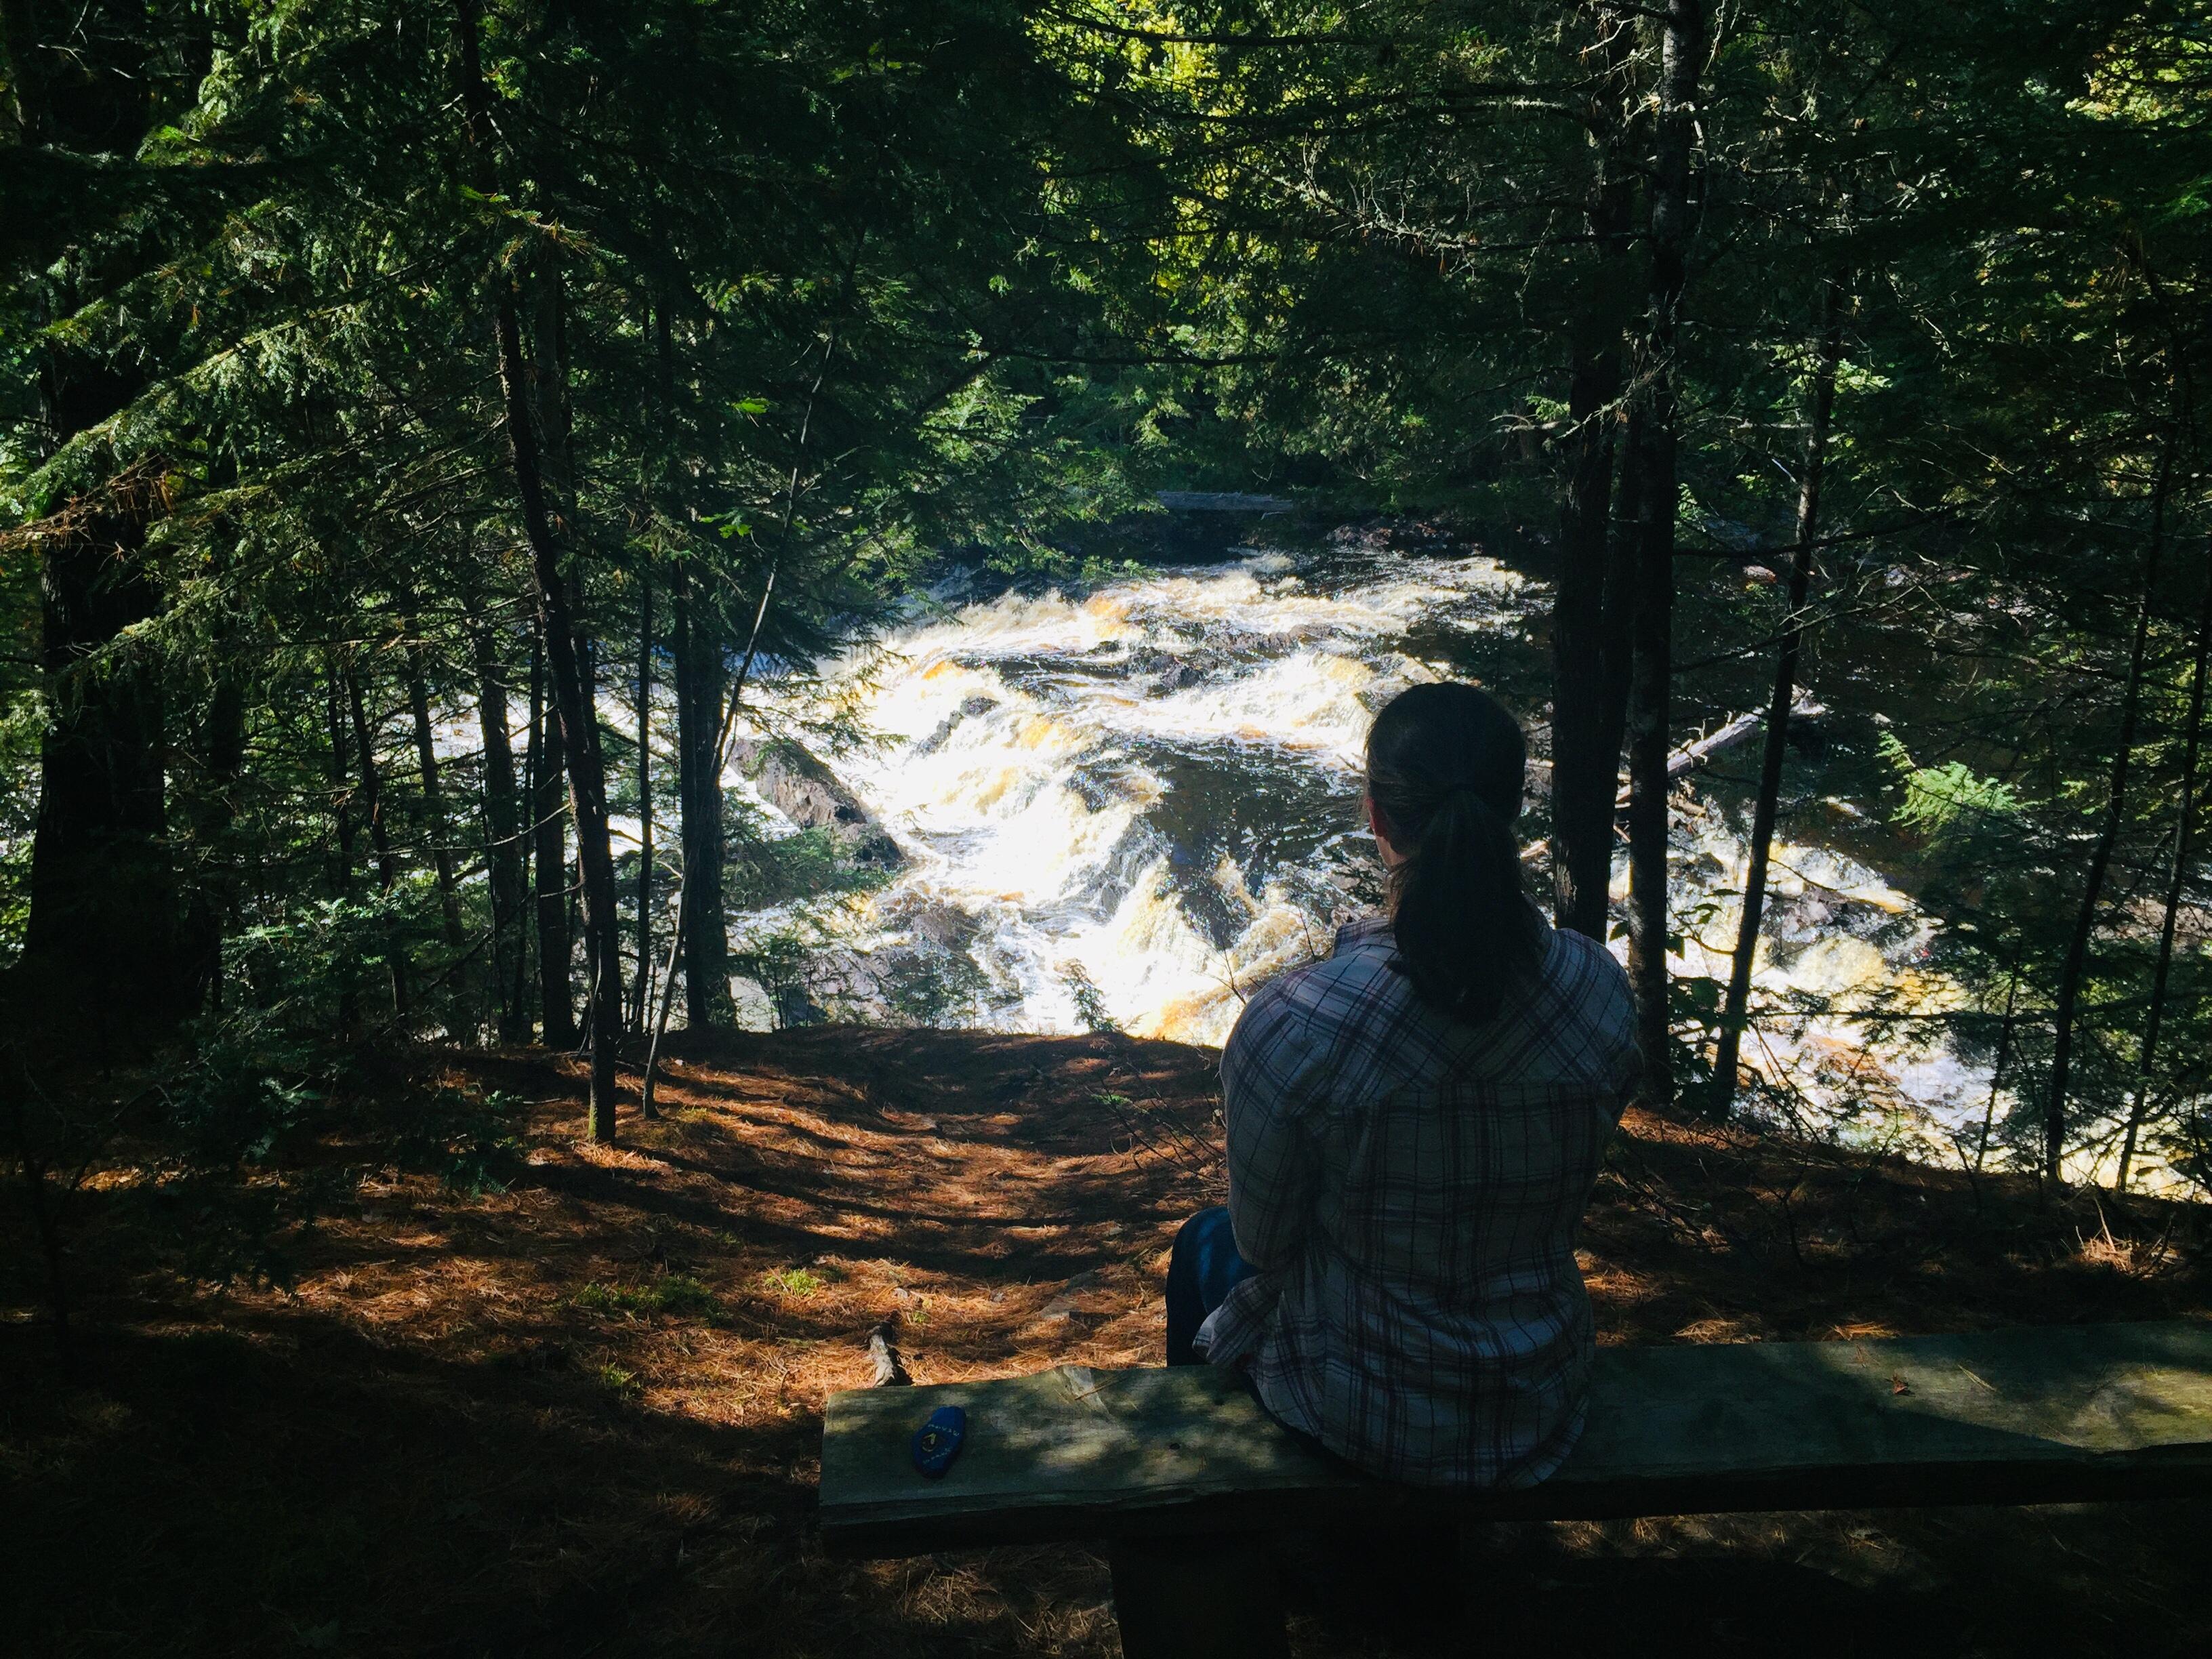 Observation bench, Mariaville Falls Preserve, ME